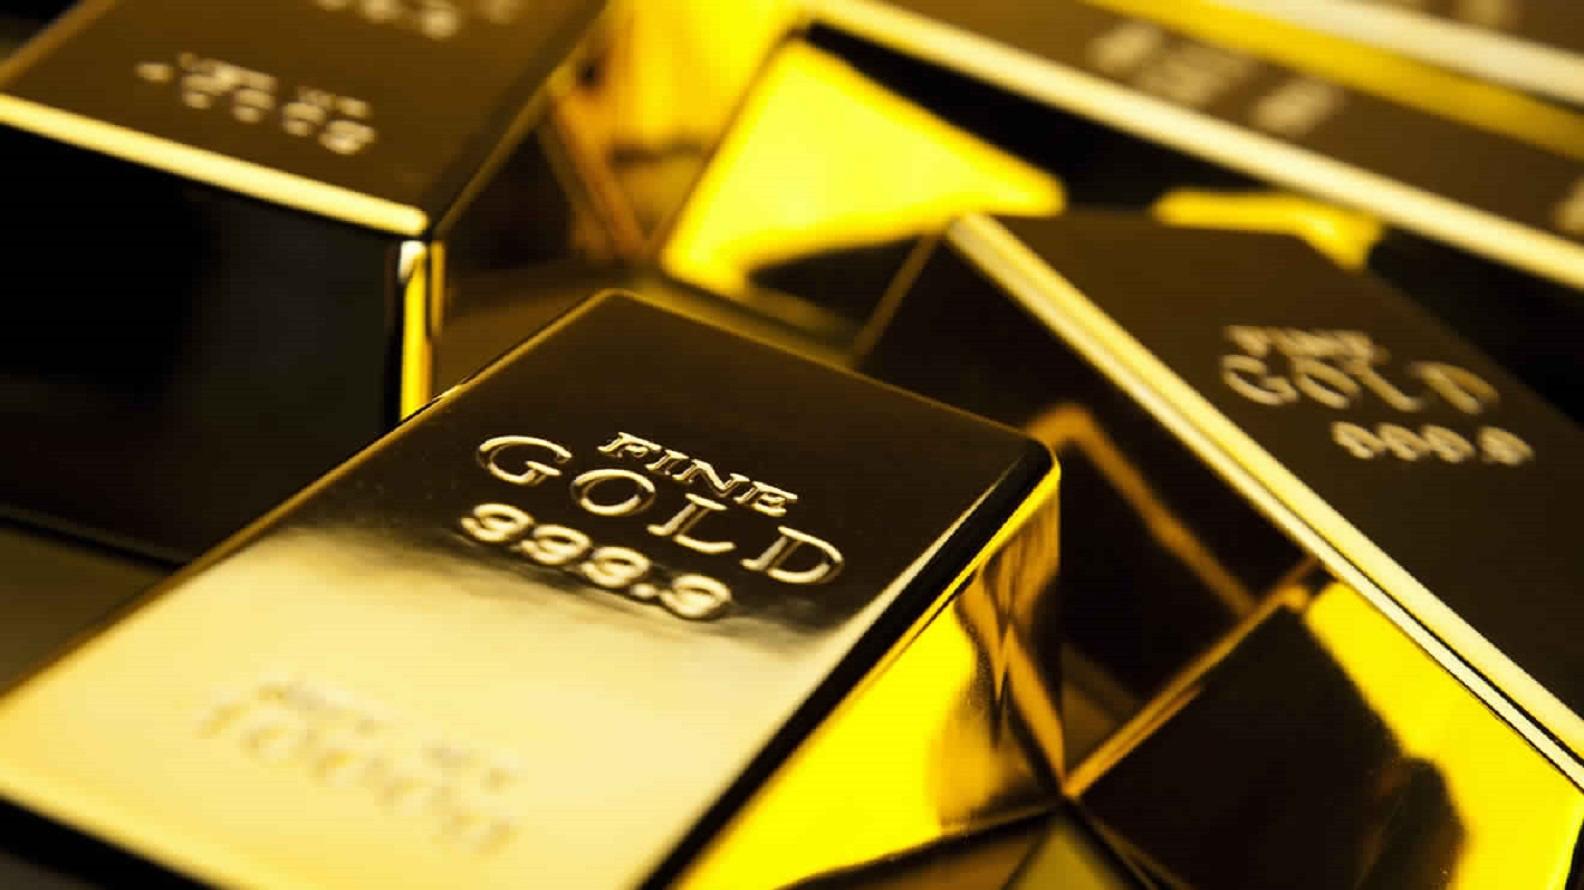 سعر الذهب اليوم الخميس 31 يناير 2019 في الوطن العربي